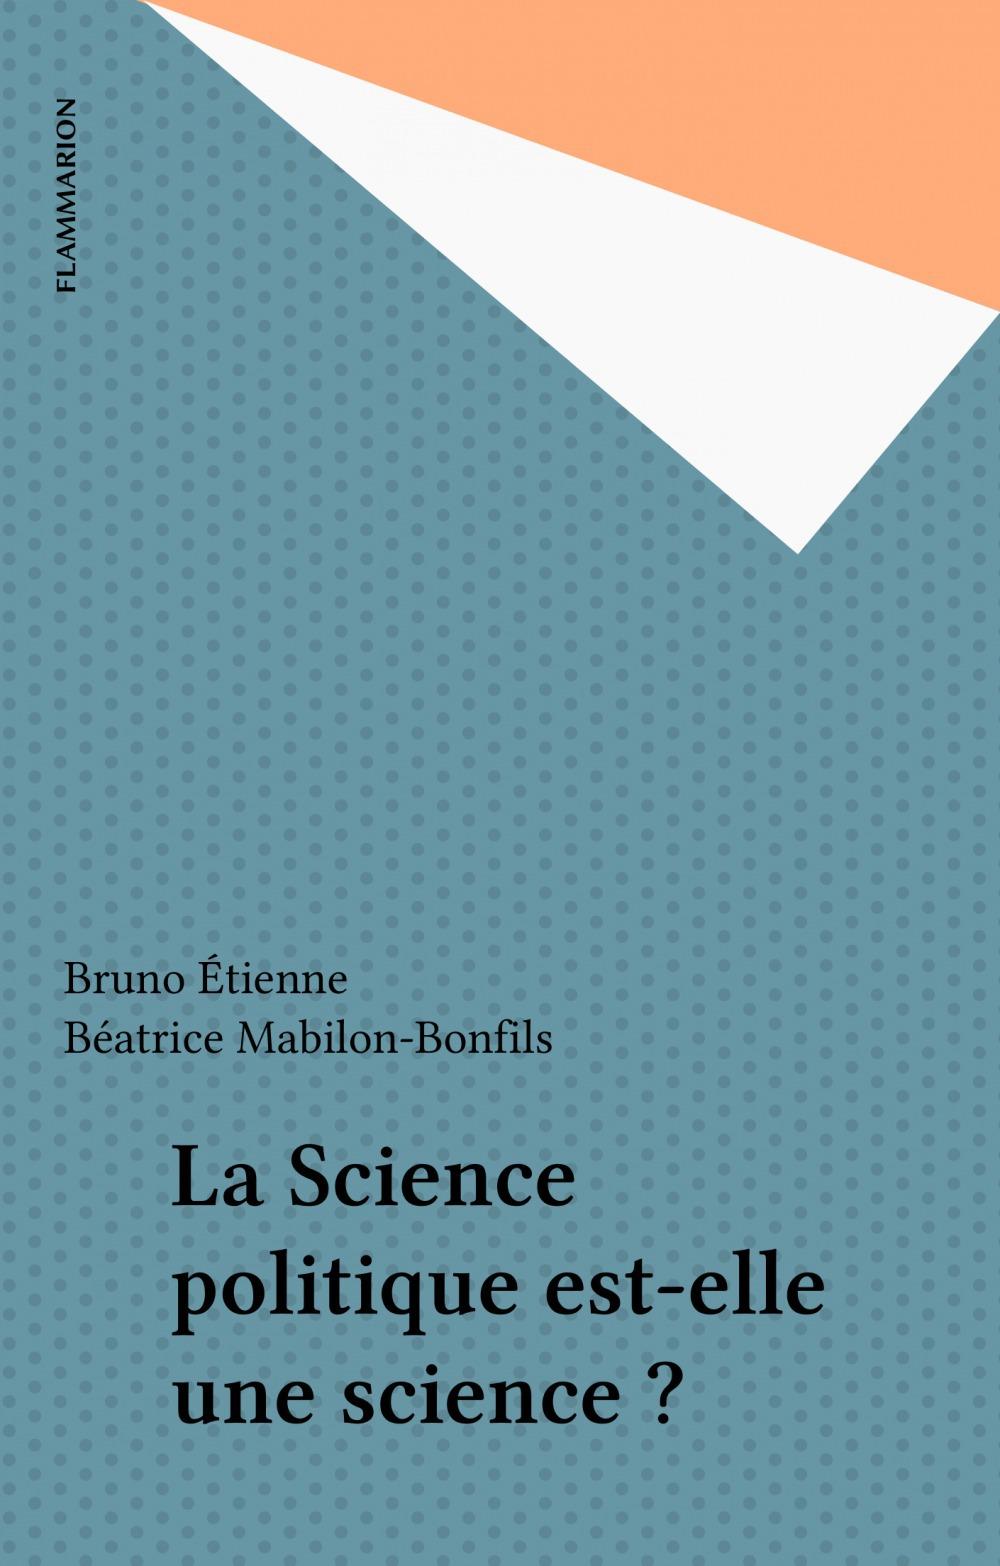 La science politique est elle une science